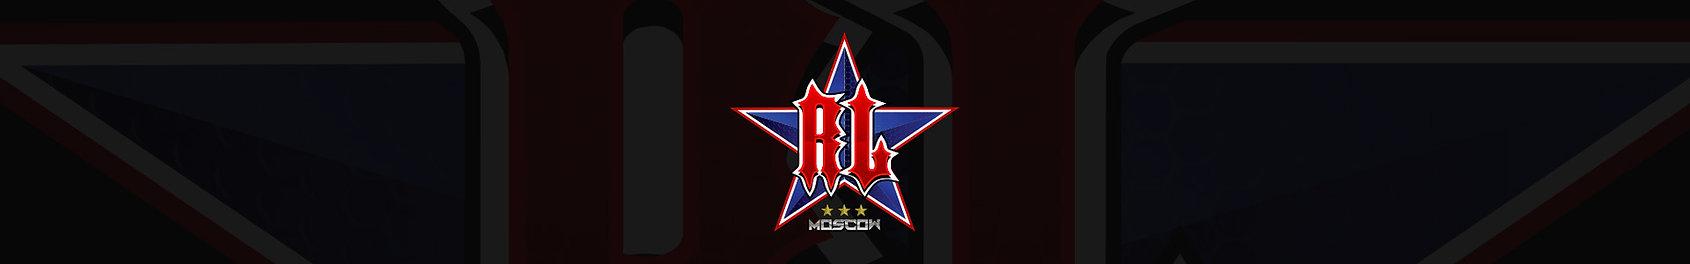 LogoBar_MoscowRedLegion.jpg